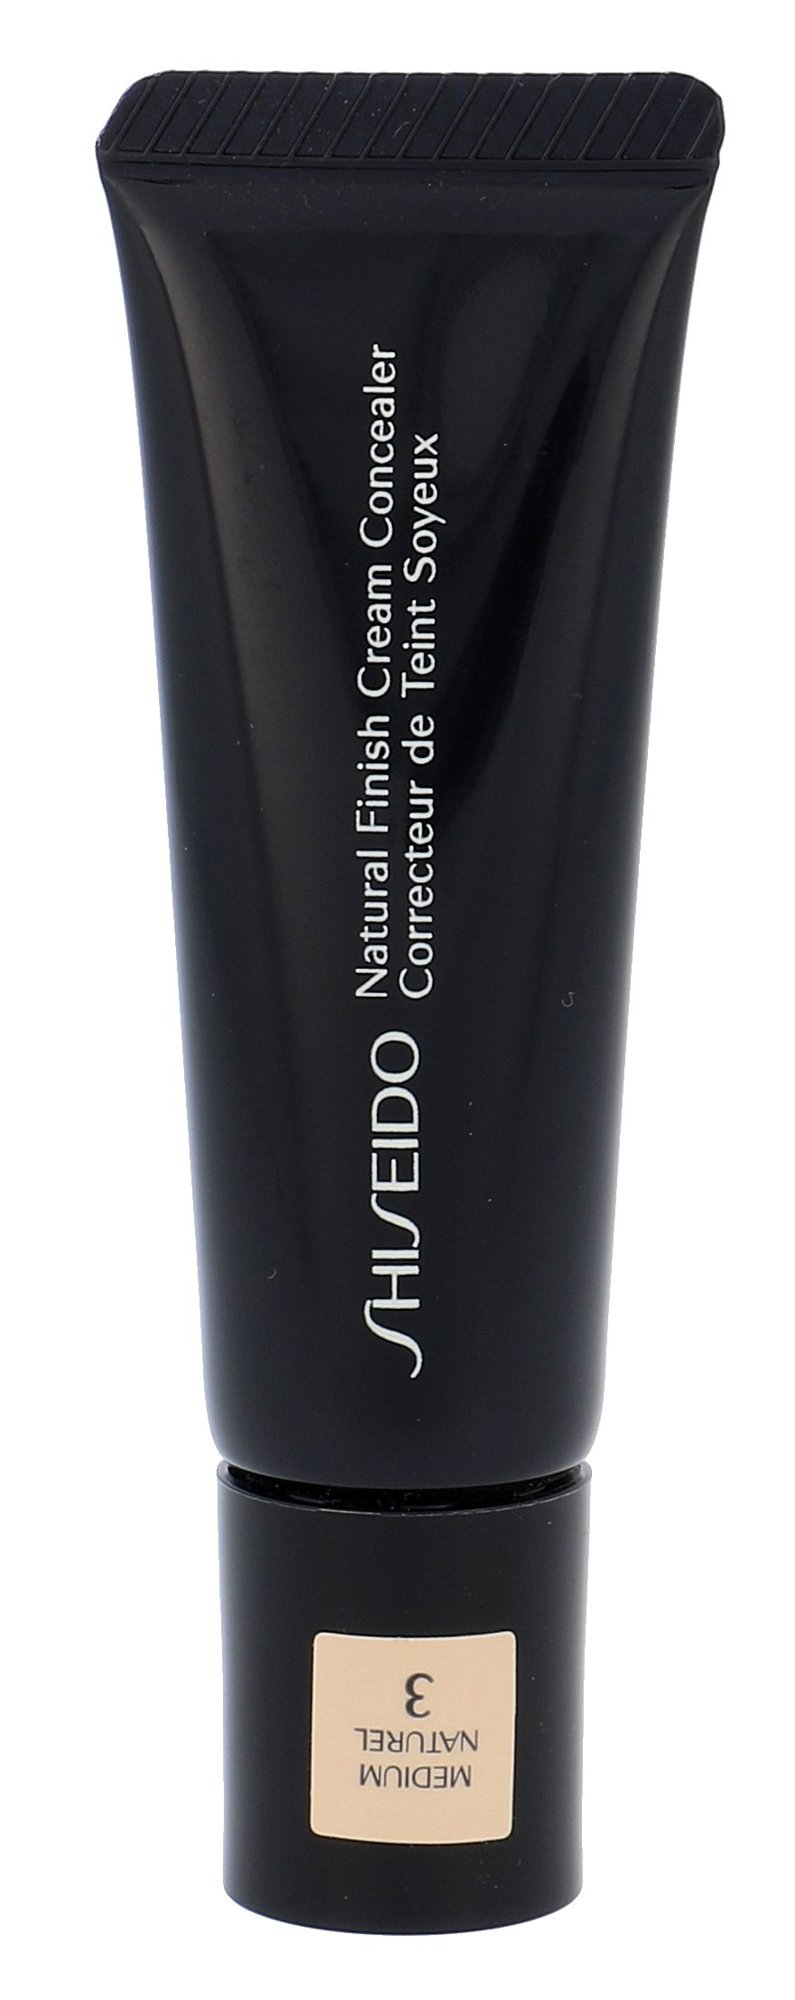 Shiseido Natural Finish Cosmetic 10ml 3 Medium